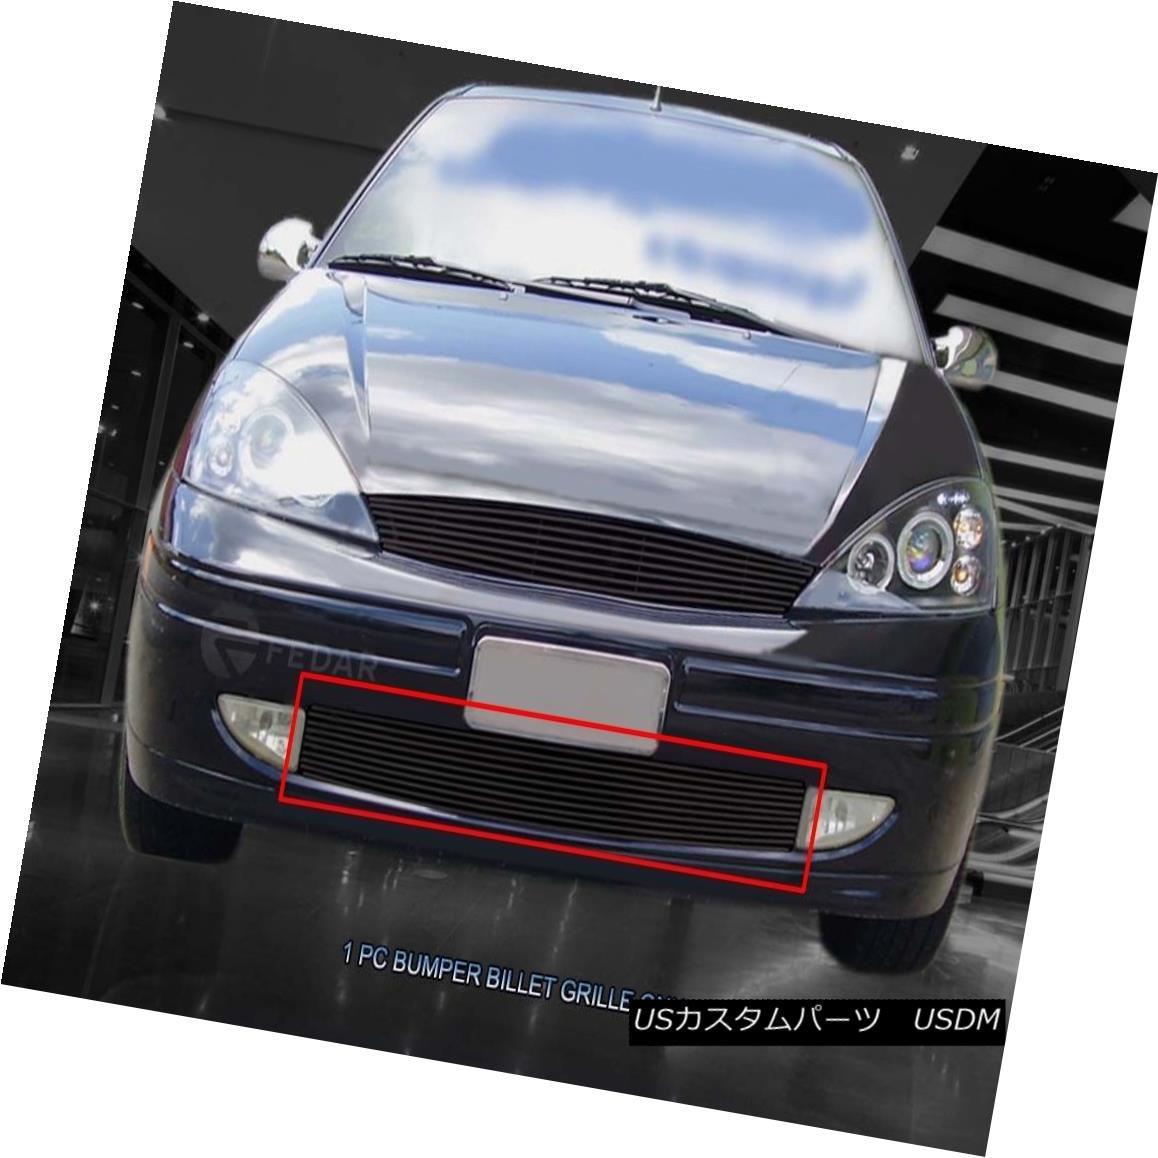 グリル For 00-04 Ford Focus Black Replacement Billet Grille Bumper Grill Insert Fedar 00-04フォードフォーカスブラック交換用ビレットグリルバンパーグリルインサートフェルダー